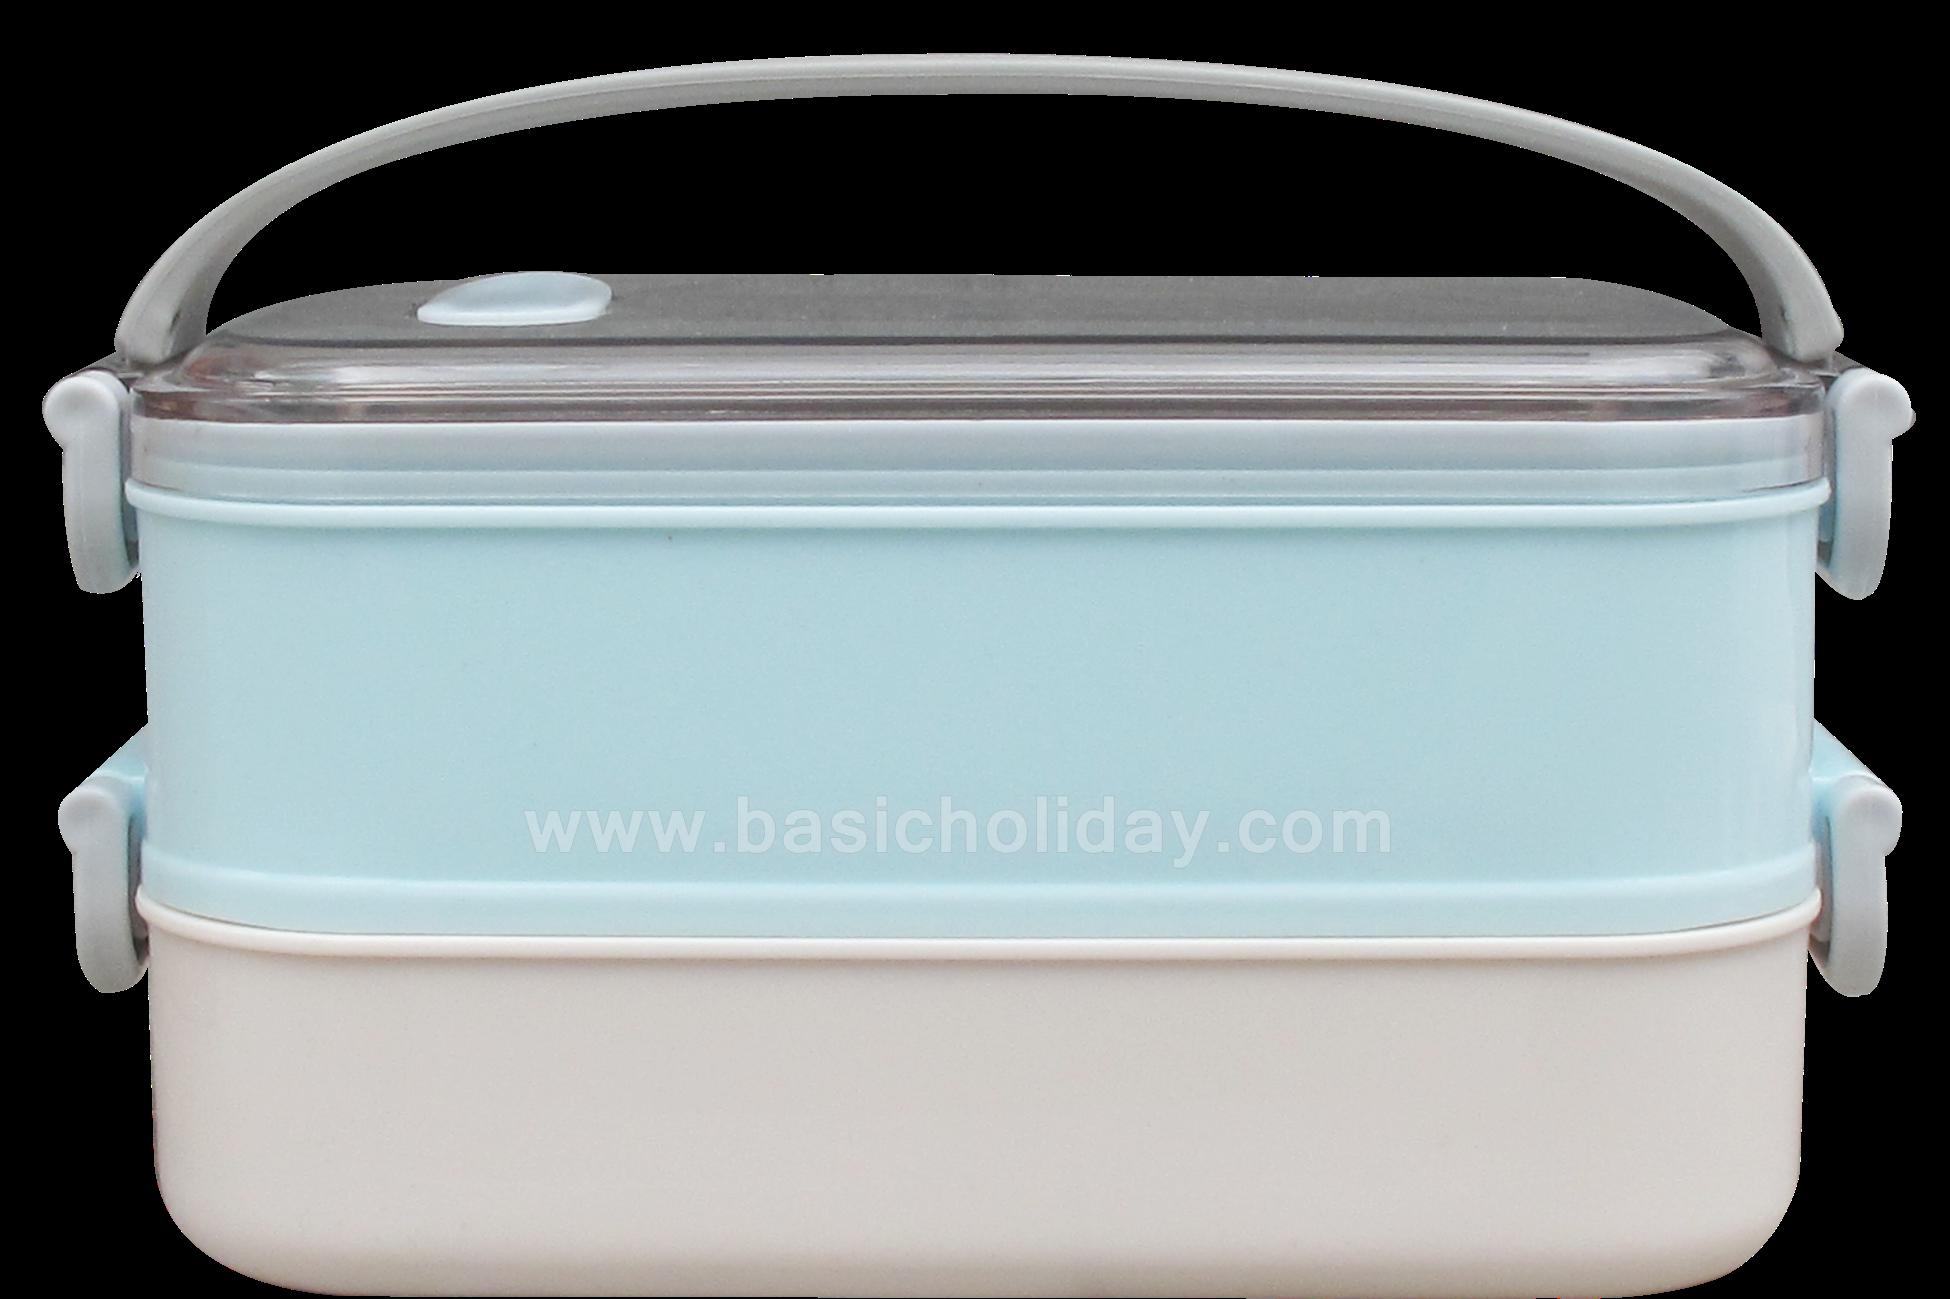 กล่องใส่อาหาร กล่องข้าว กล่องอาหารอเนกประสงค์ รับผลิตสินค้าพรีเมียม Lunch Box เข้าไมโครเวฟได้